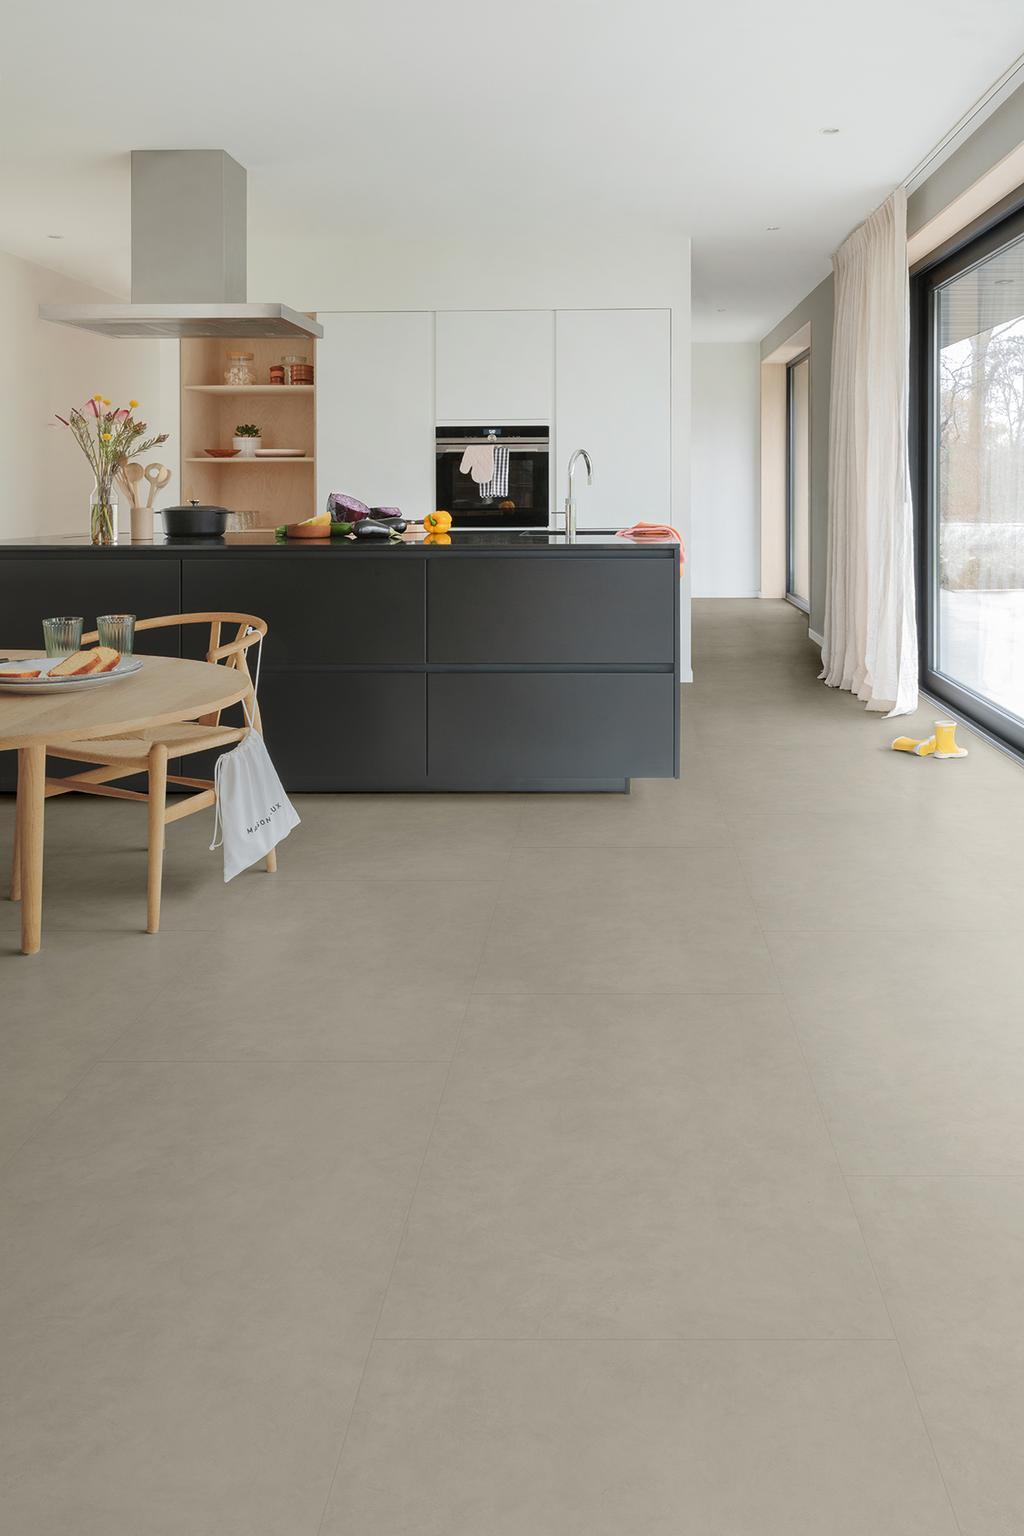 Klikvloer met betonlook van Floorify